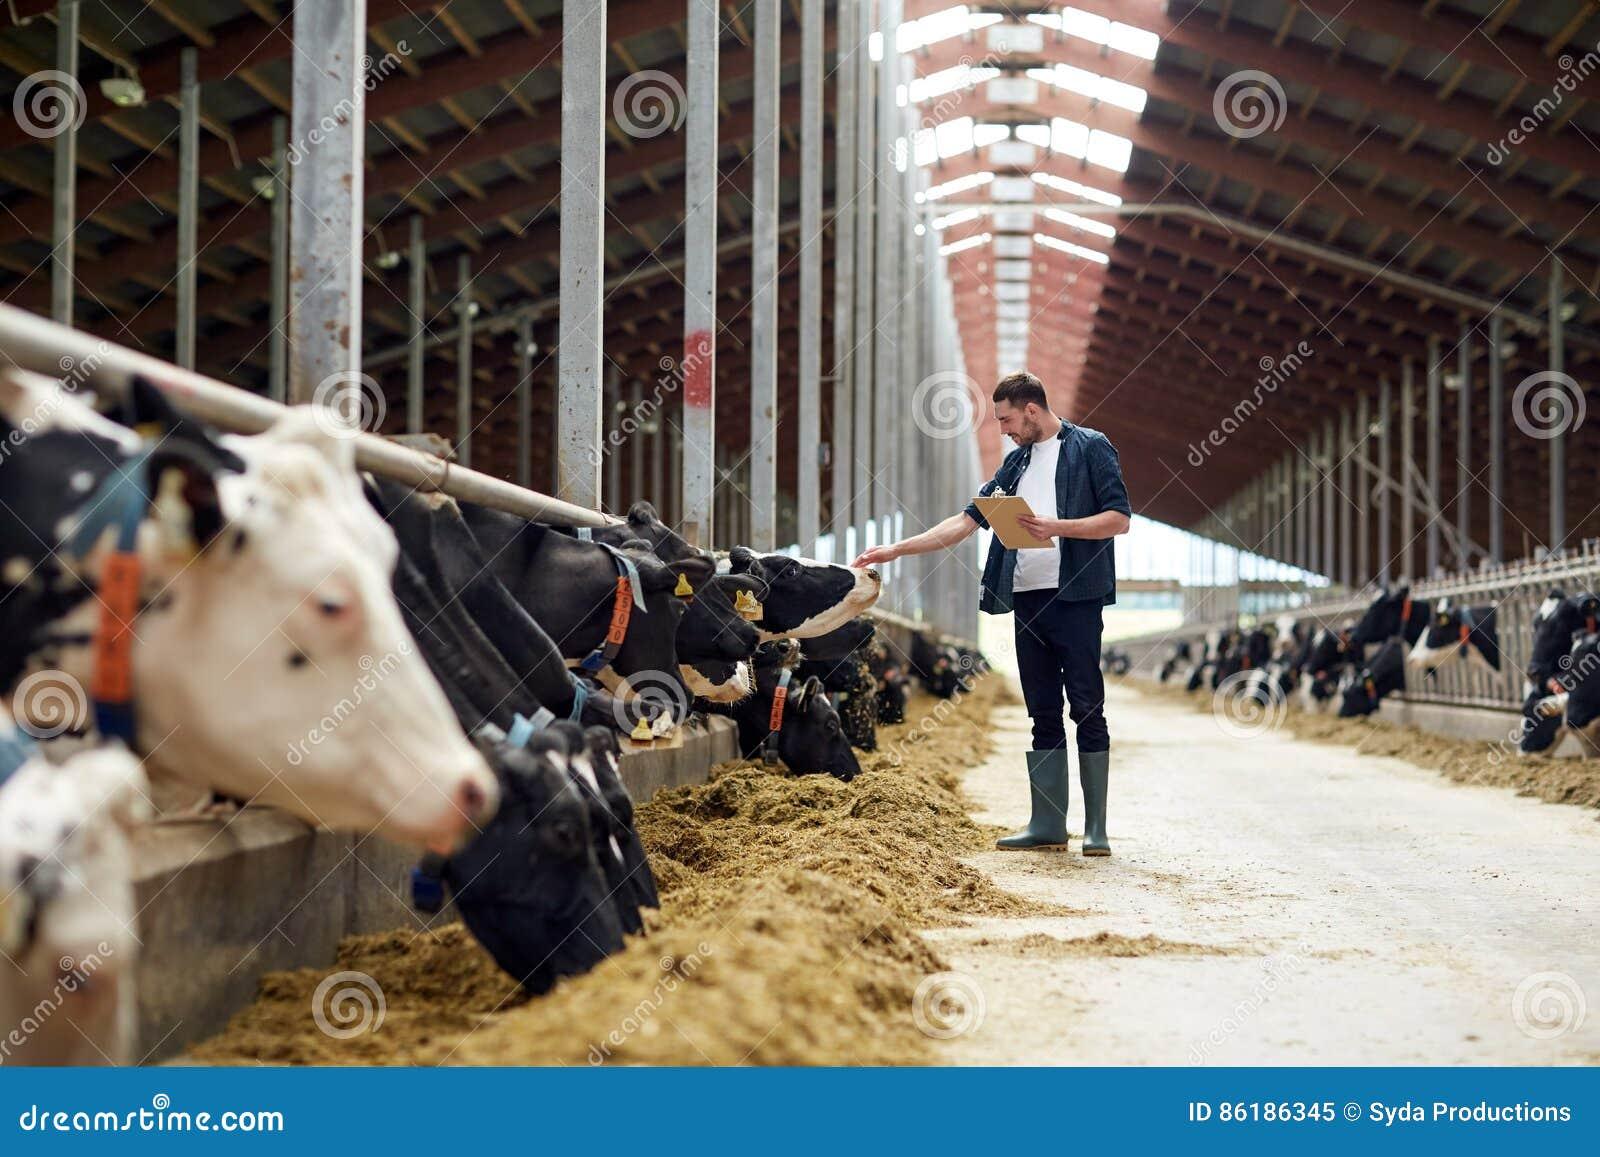 Fazendeiro com prancheta e vacas no estábulo na exploração agrícola